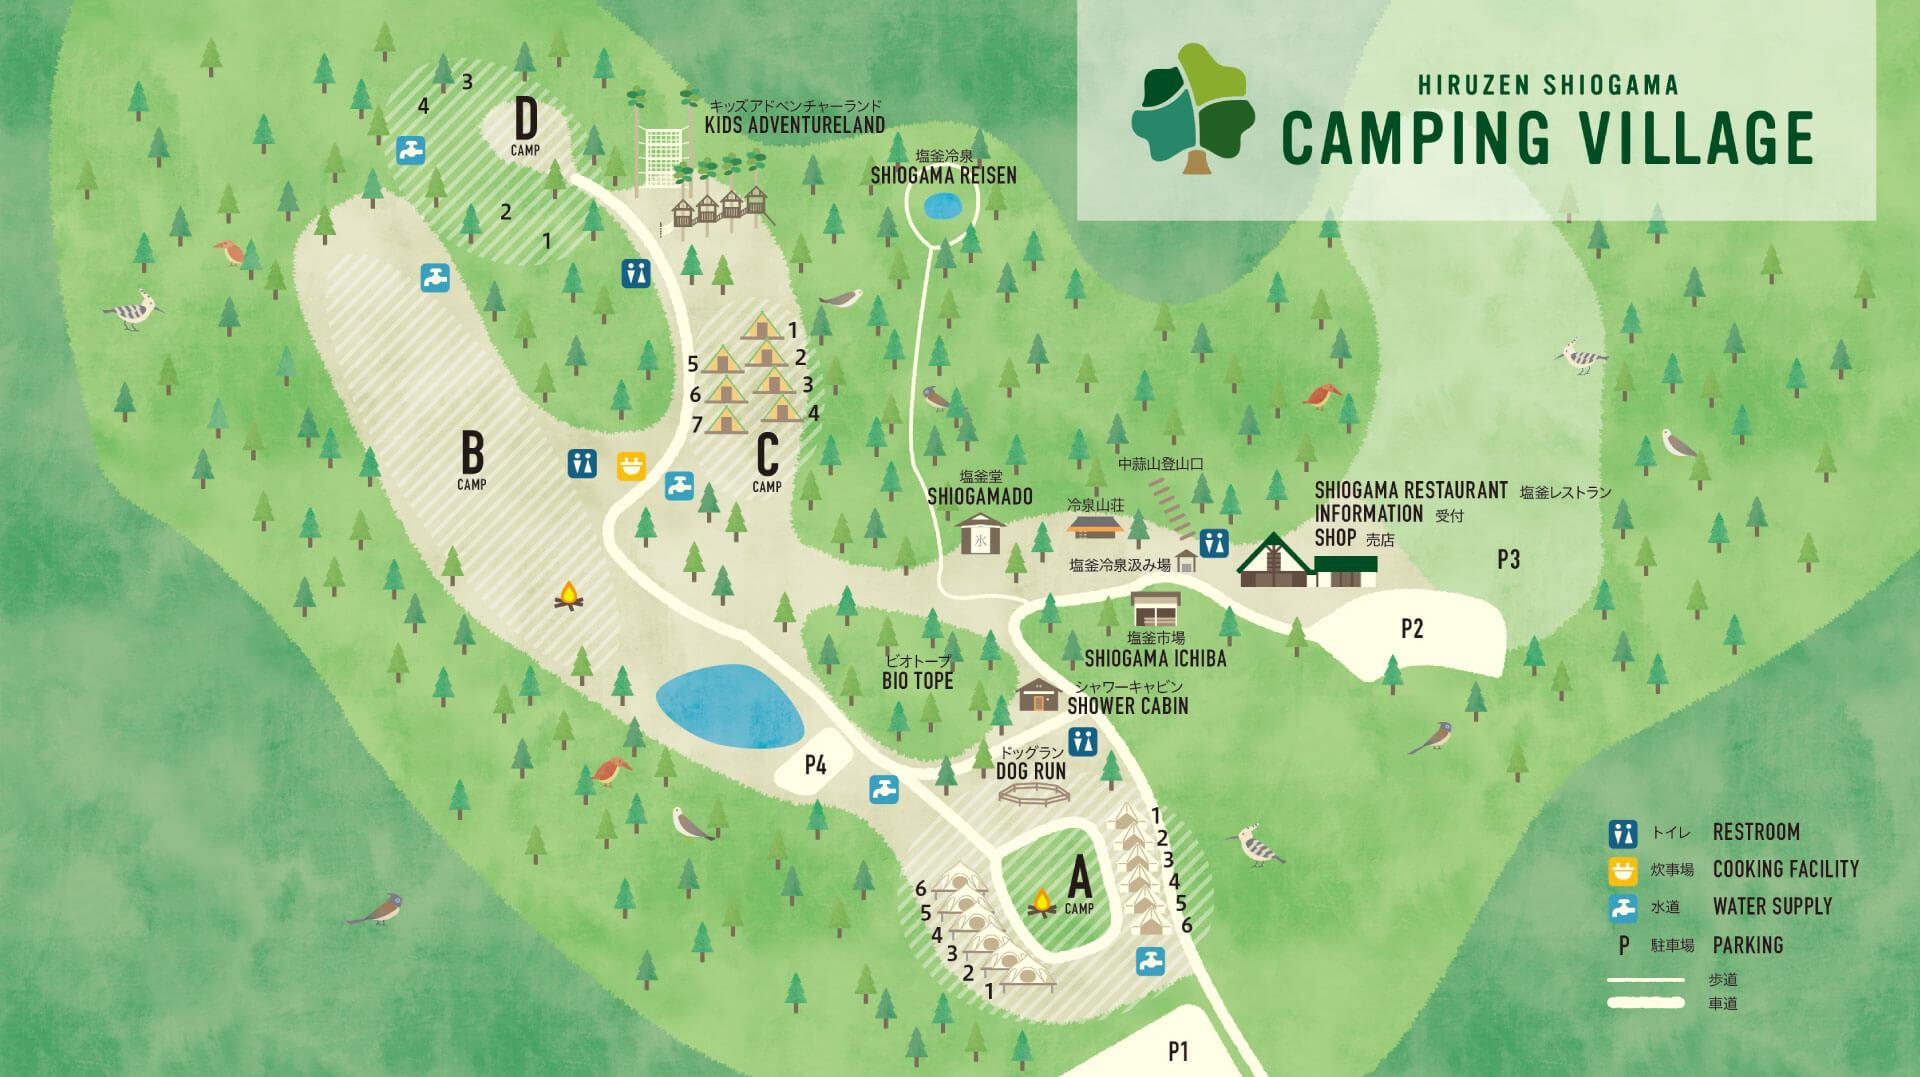 塩釜キャンピングビレッジ 施設案内マップ